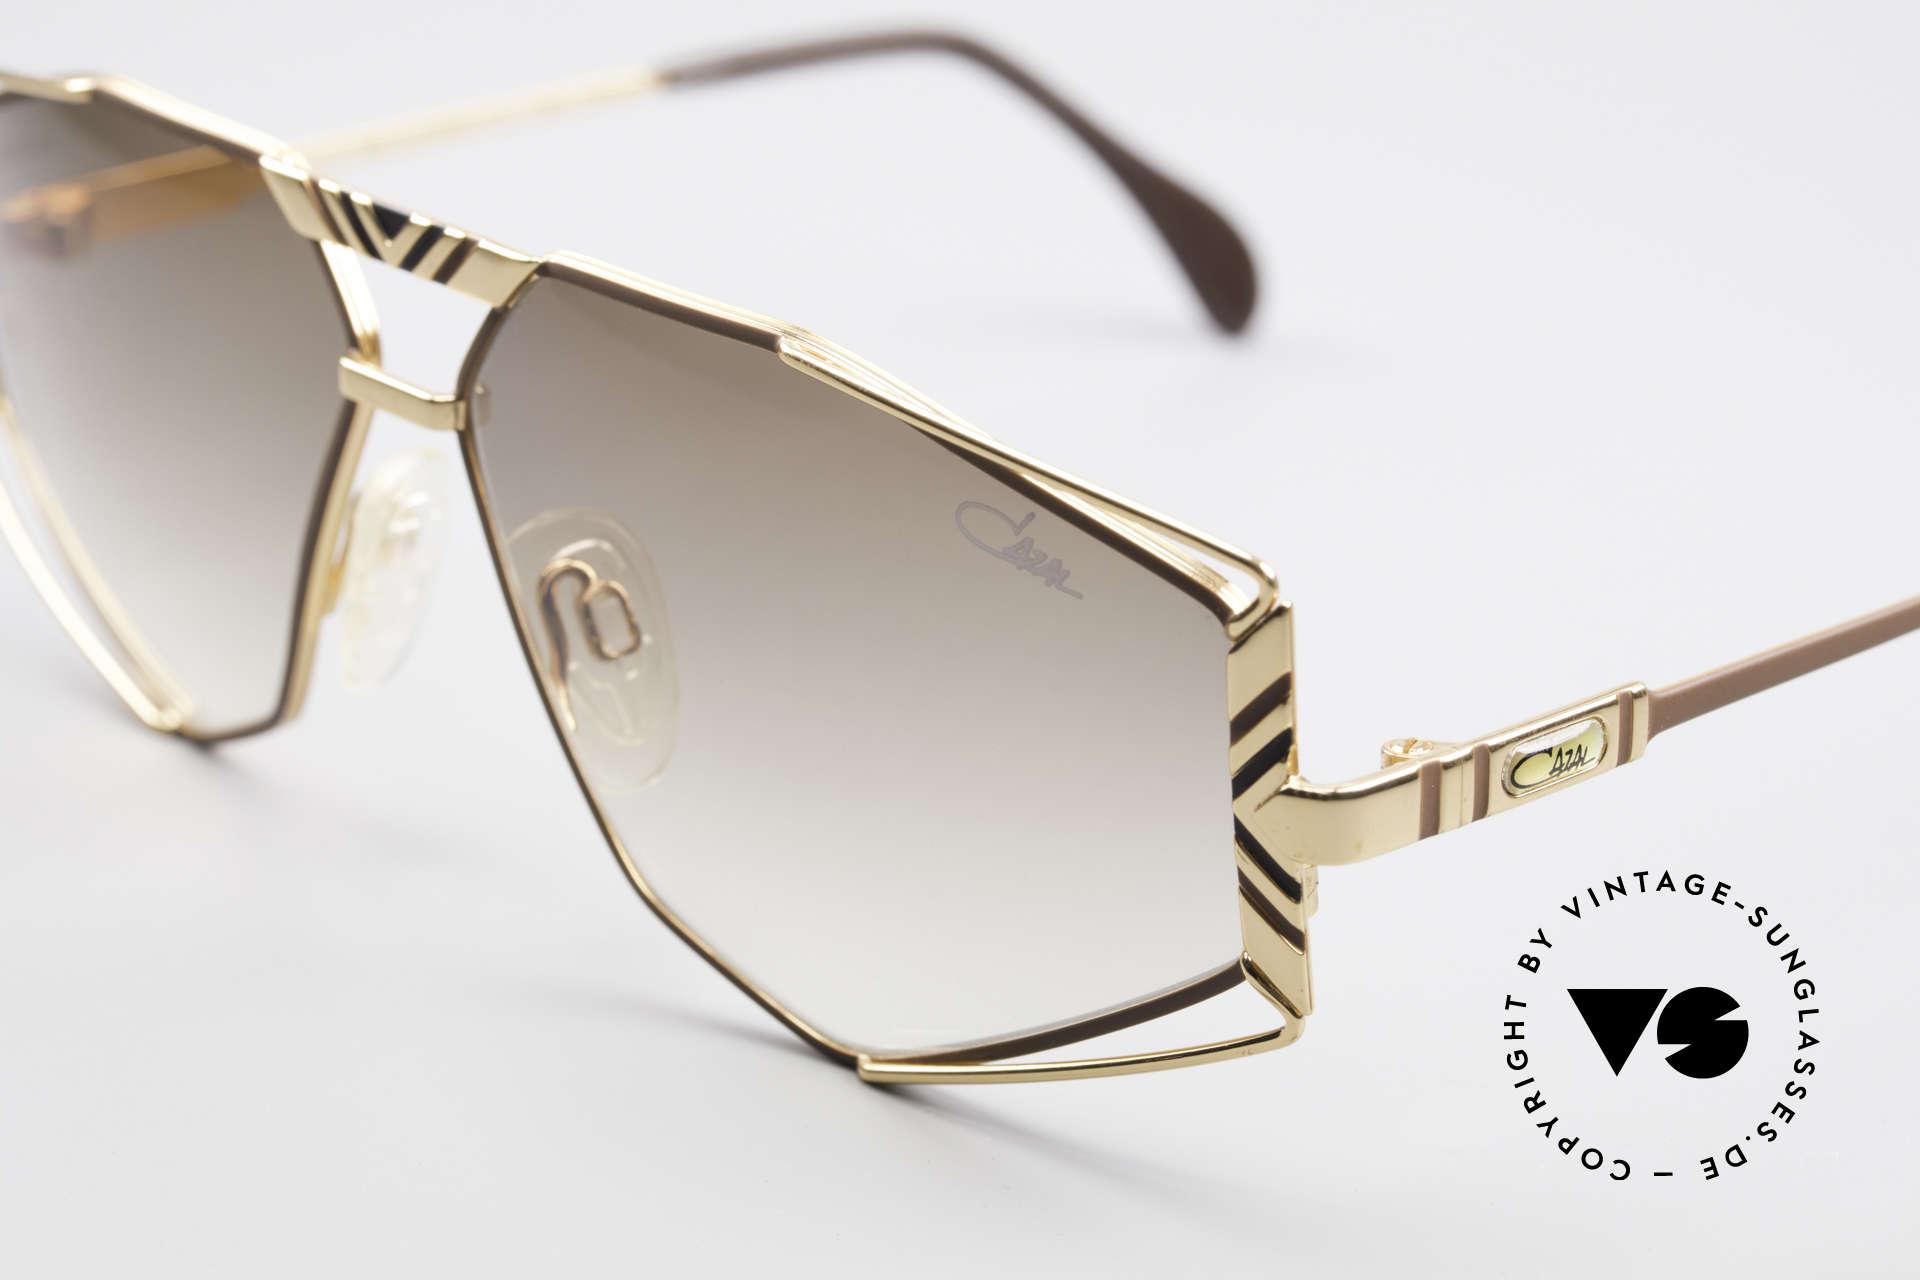 Cazal 956 Cari Zalloni Vintage Brille, ungetragen (wie alle unsere alten CAZAL Brillen), Passend für Herren und Damen